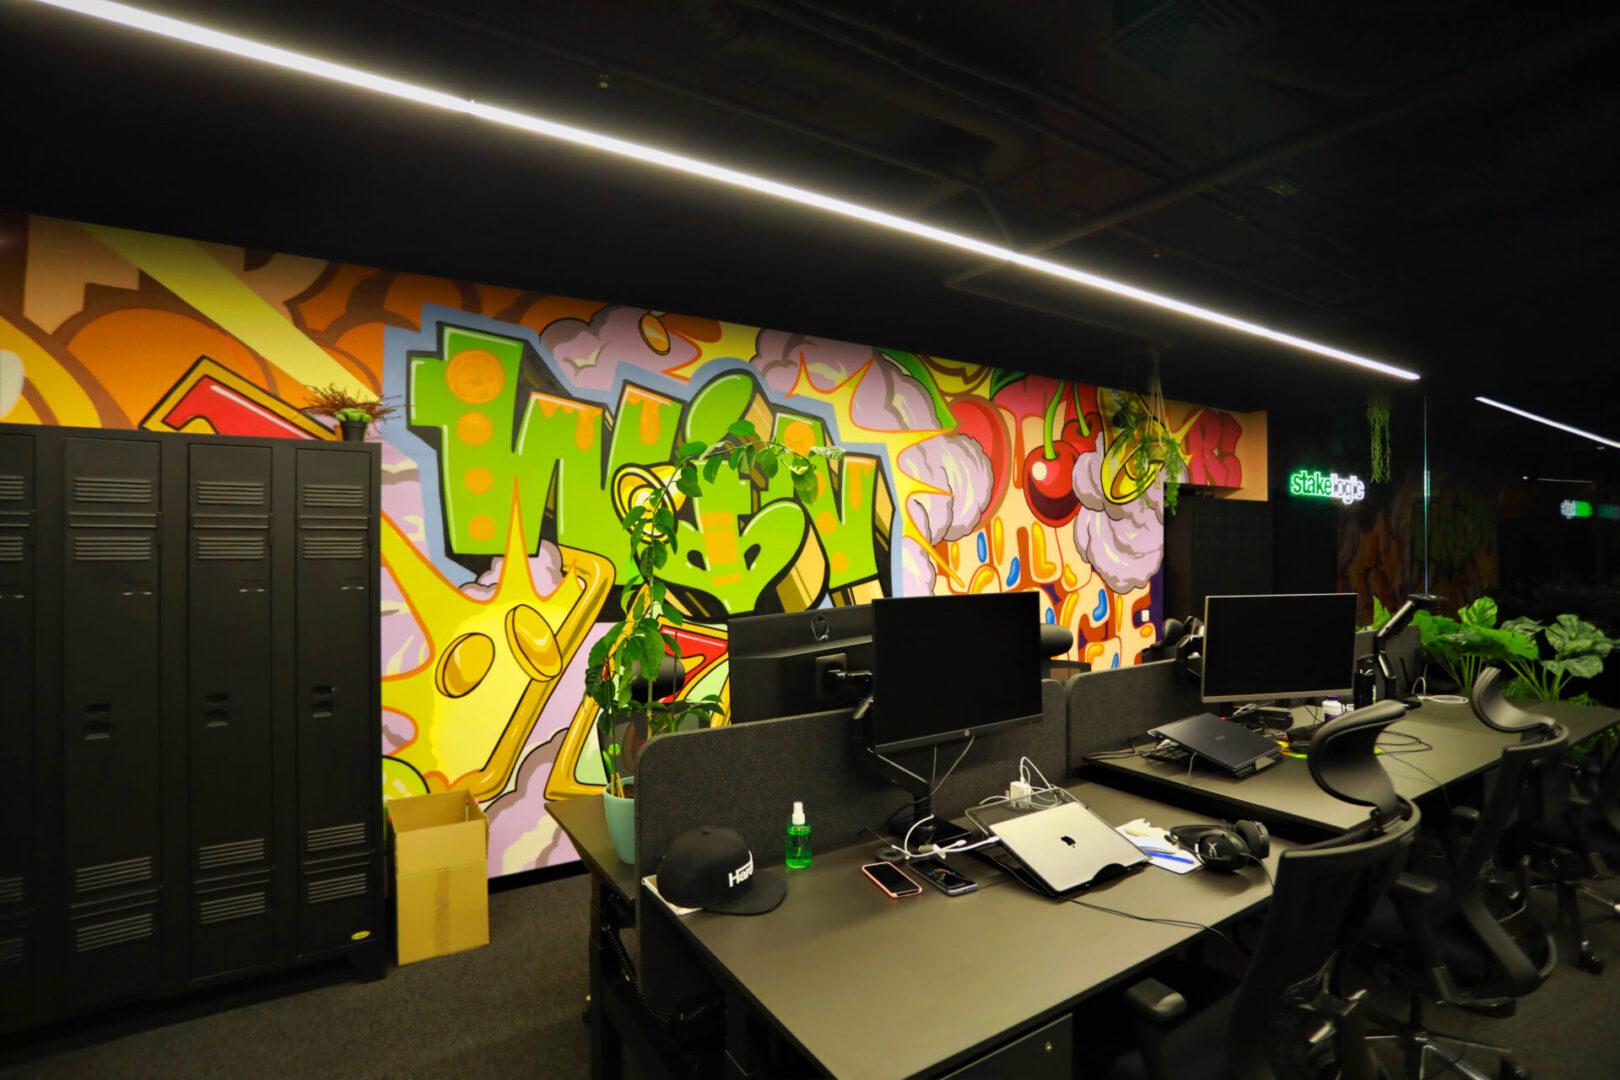 Художественное оформление офиса IT компании (часть 2) UT-ART STUDIO компьютеры